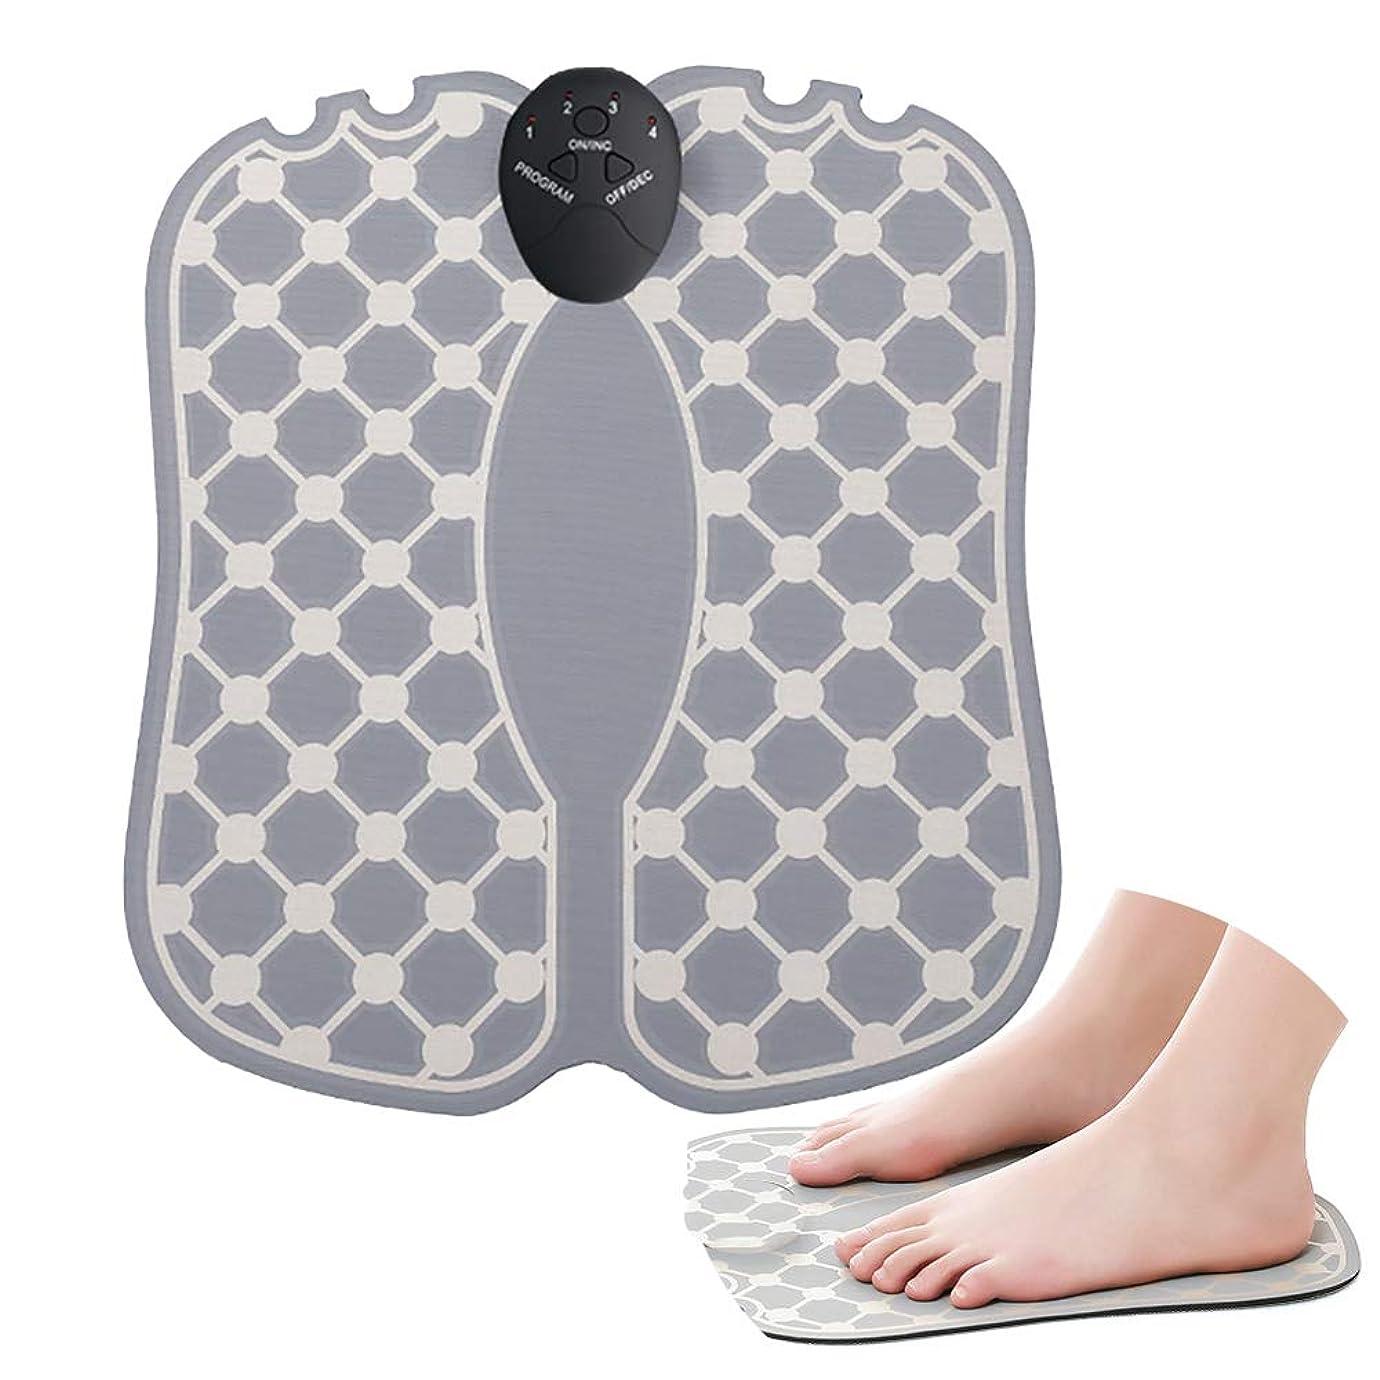 違反議題泥沼足のマッサージトマッサージャーフットマッサージャーEMSの減圧は深いティッシュ、足の器械が付いている苦痛の足を緩めます